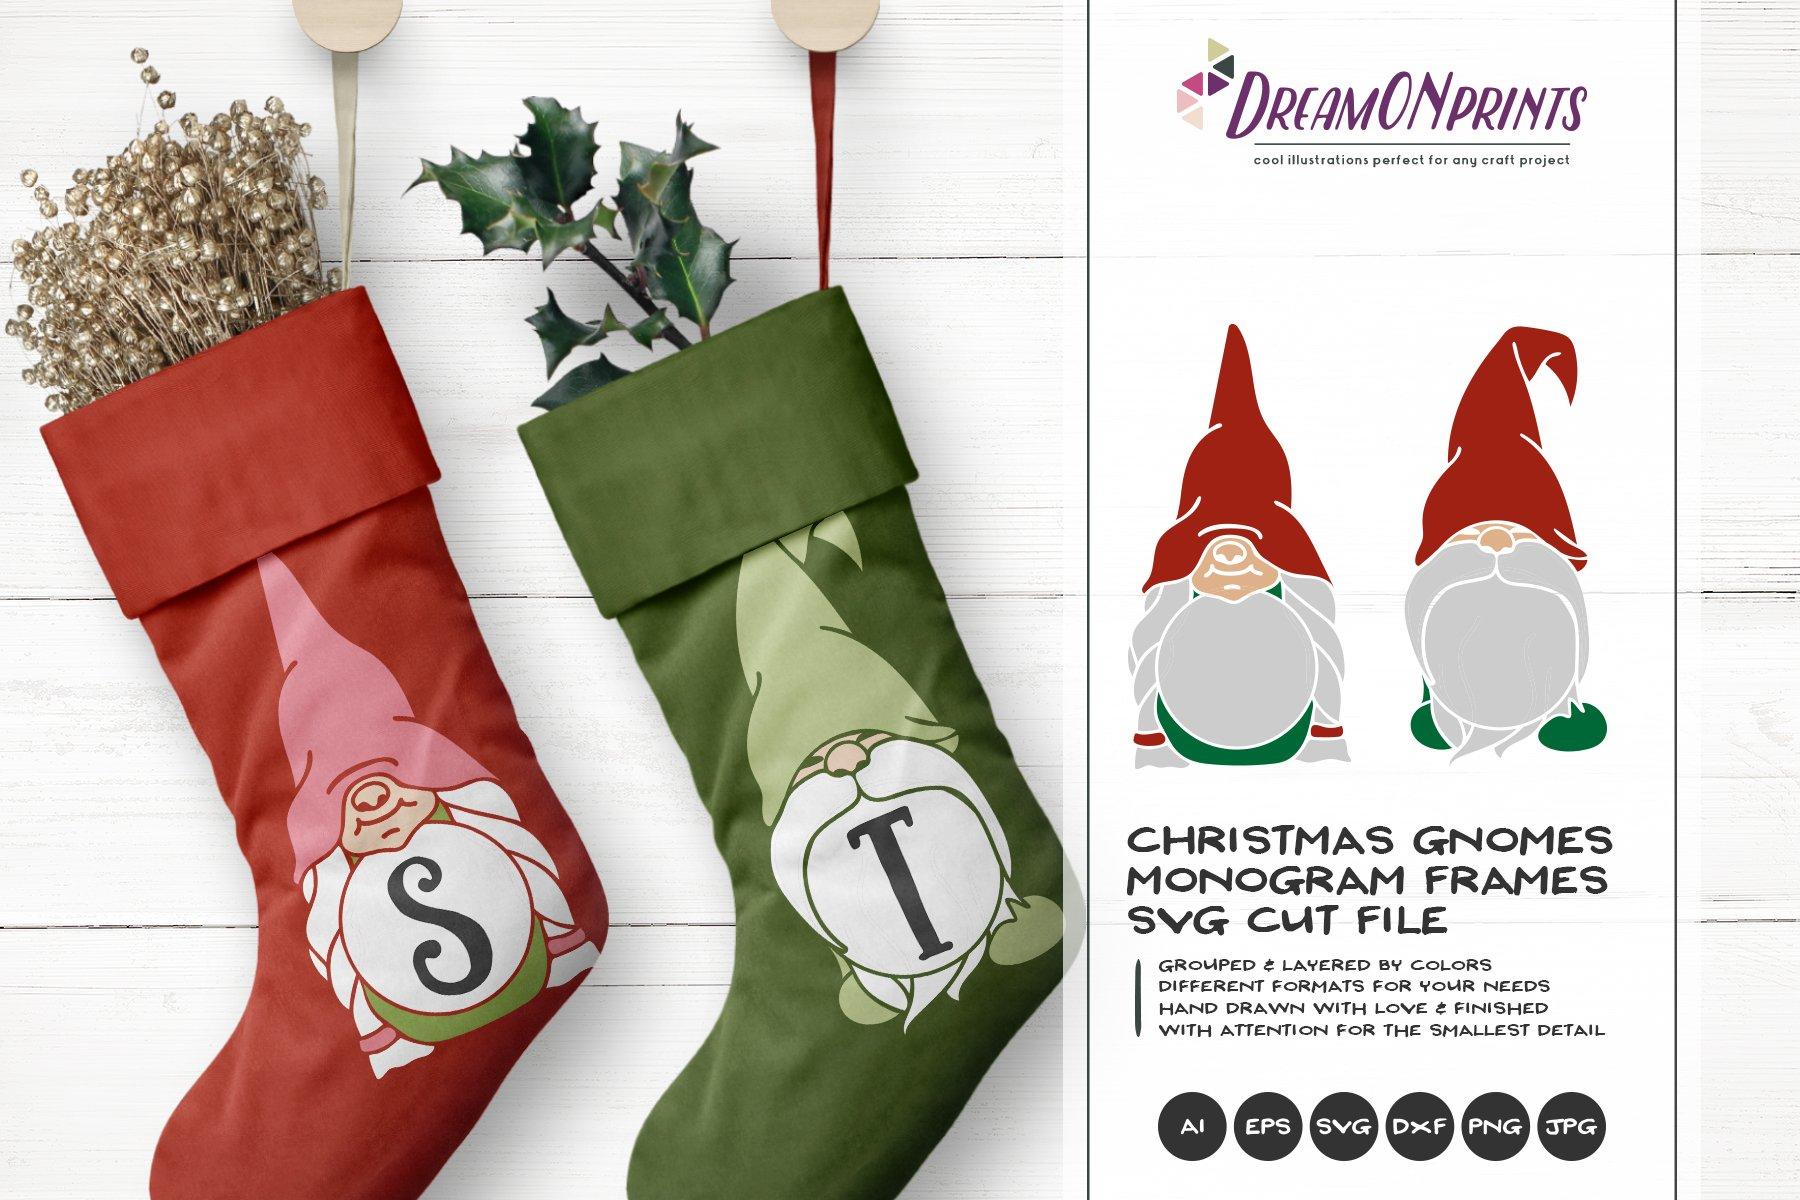 Monogram Frames Christmas Gnomes Pre Designed Photoshop Graphics Creative Market